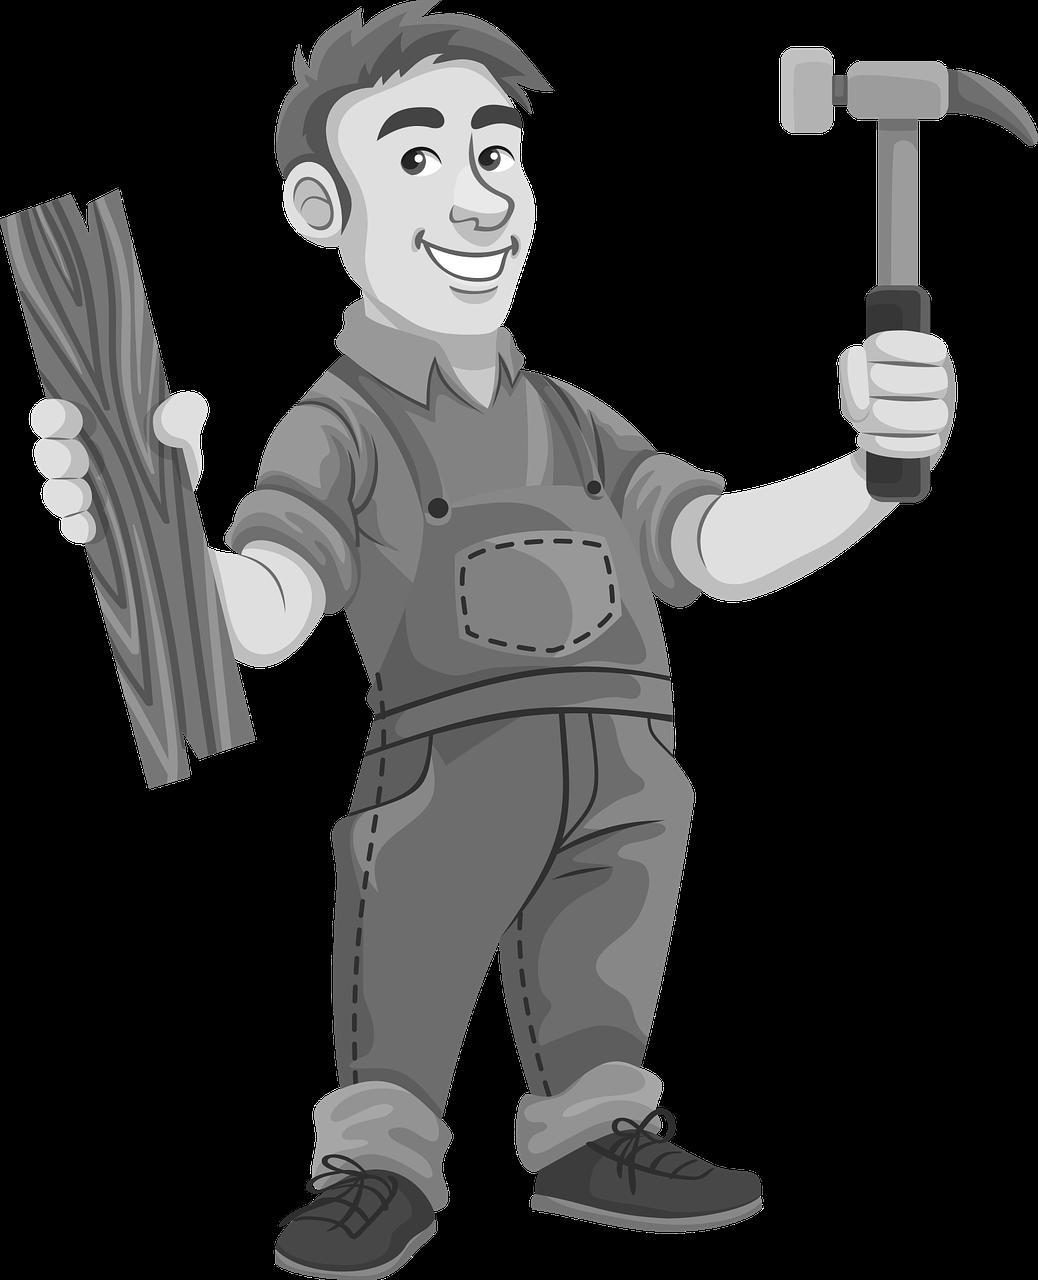 Extension ossature bois à Creutzwald 57150 : Devis et tarifs